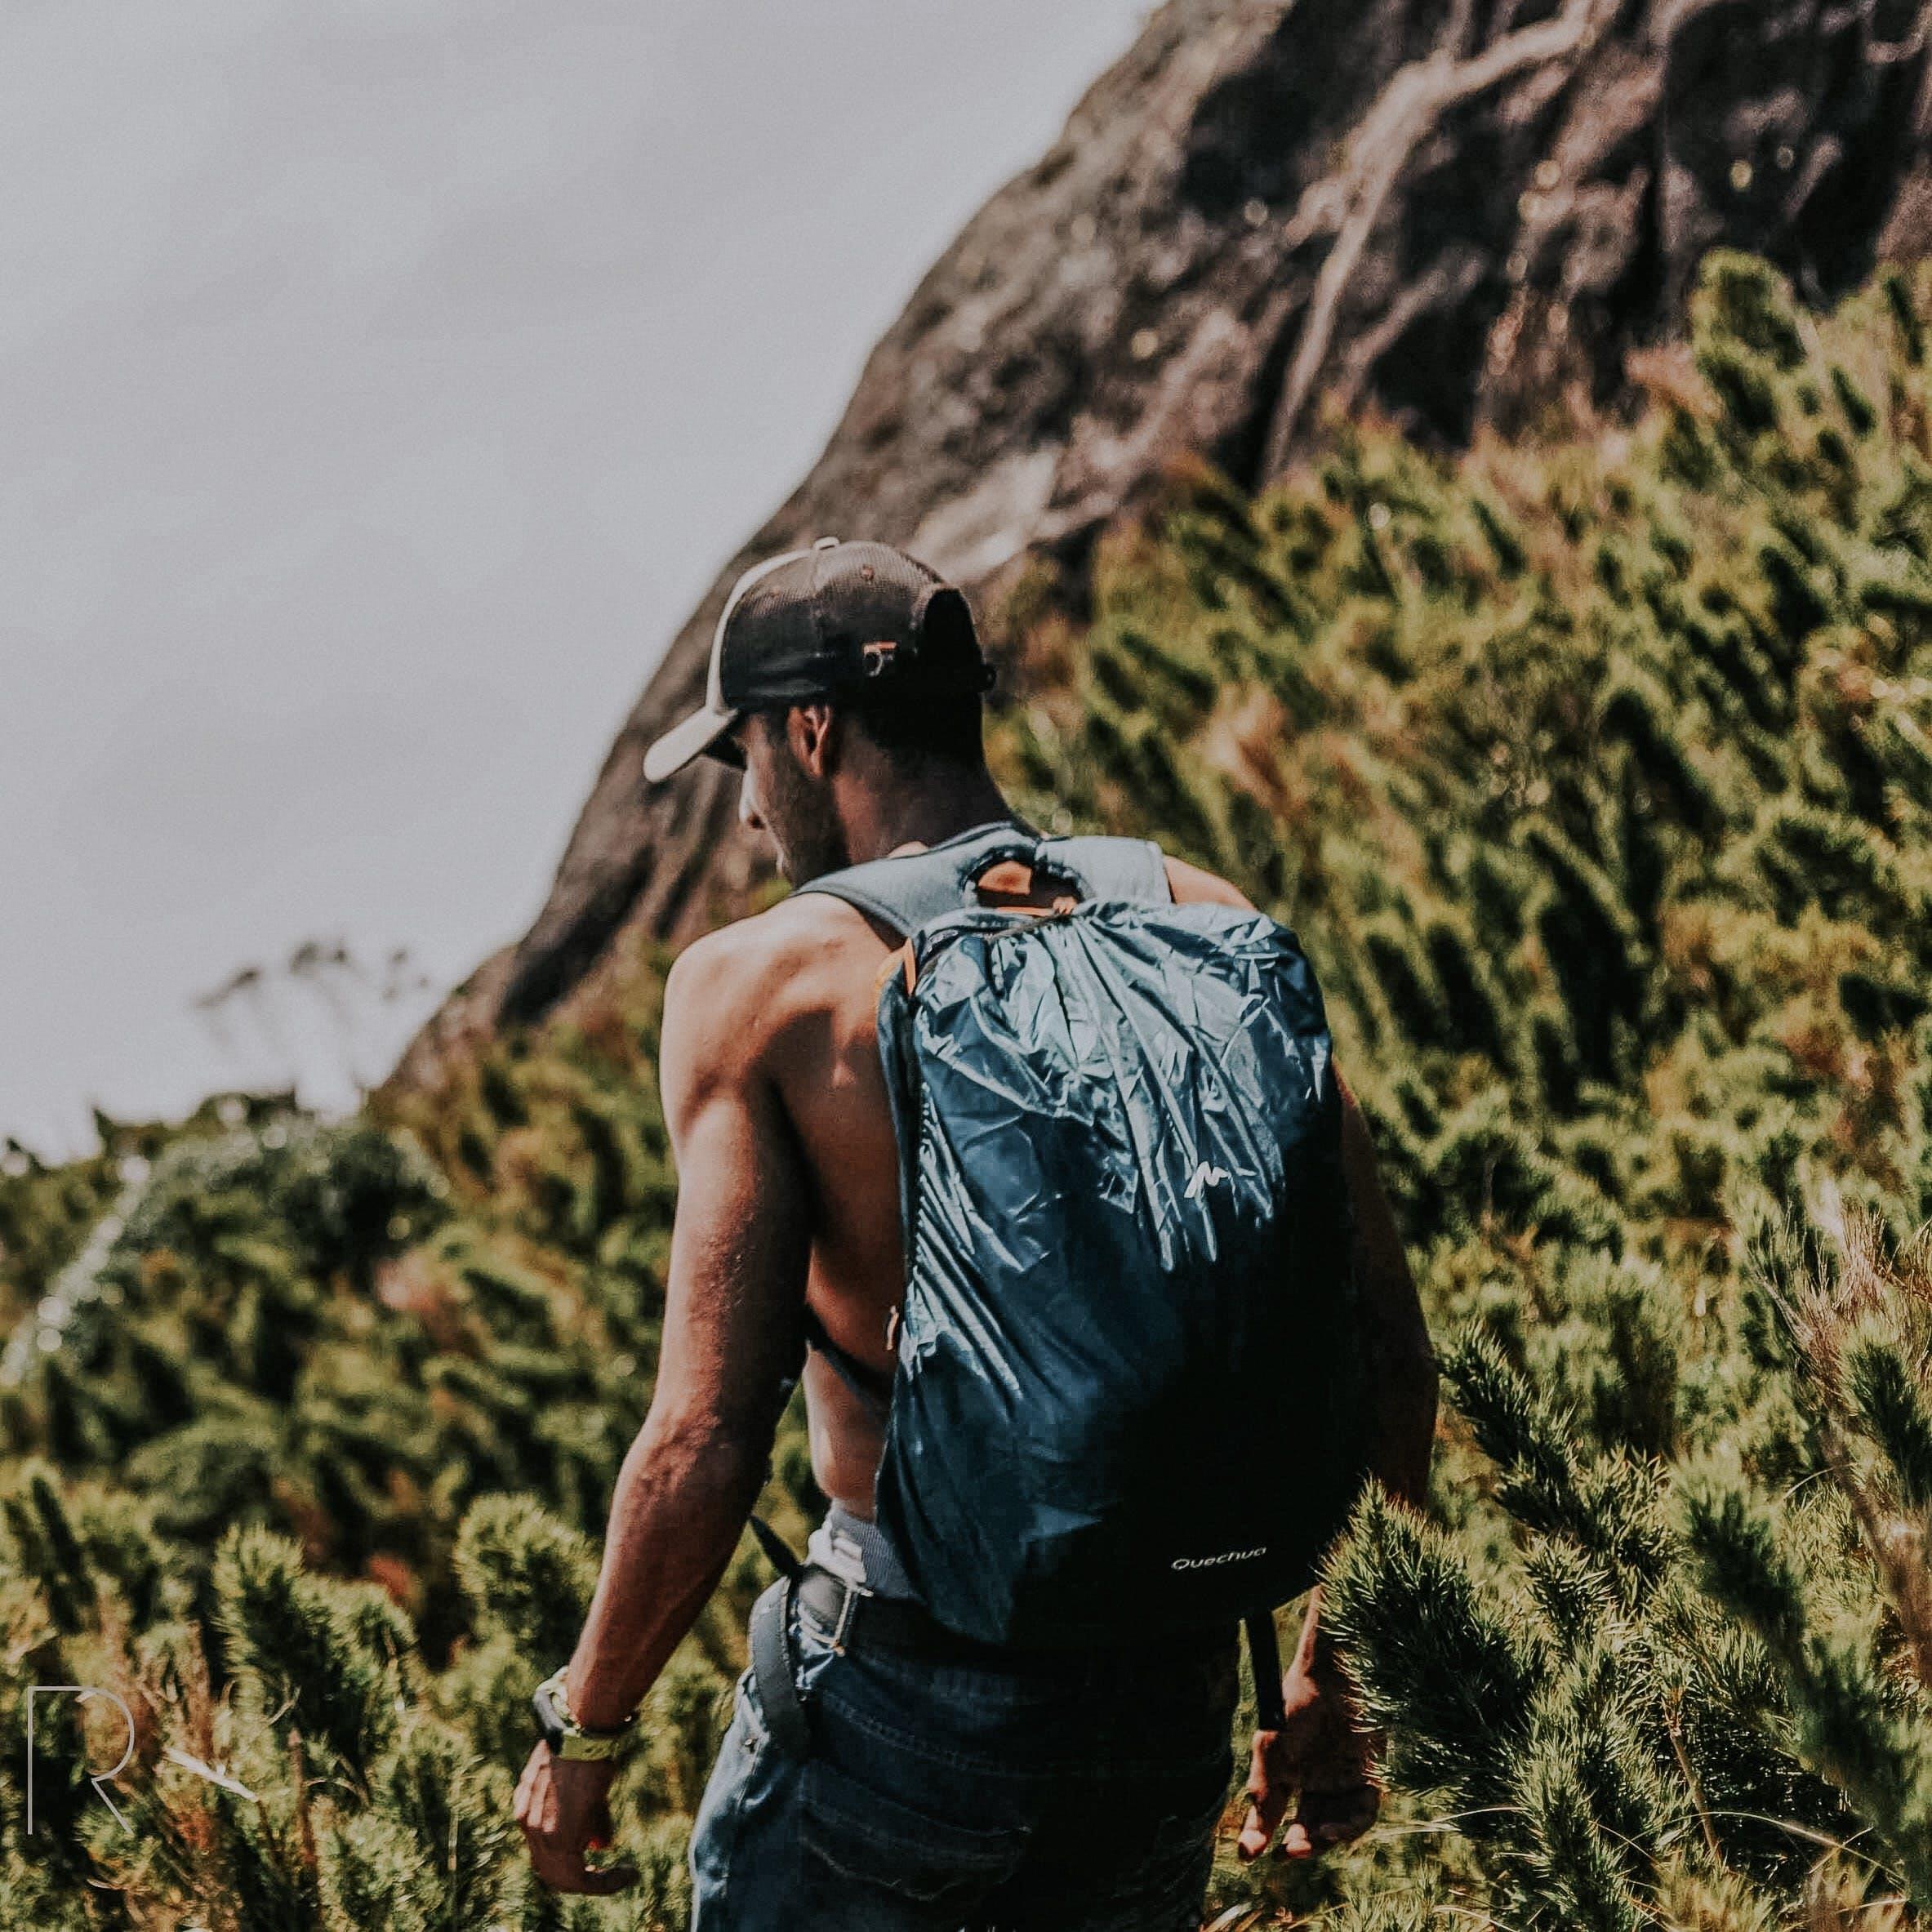 Gratis lagerfoto af Backpacker, bjergbestigning, dagslys, eventyr